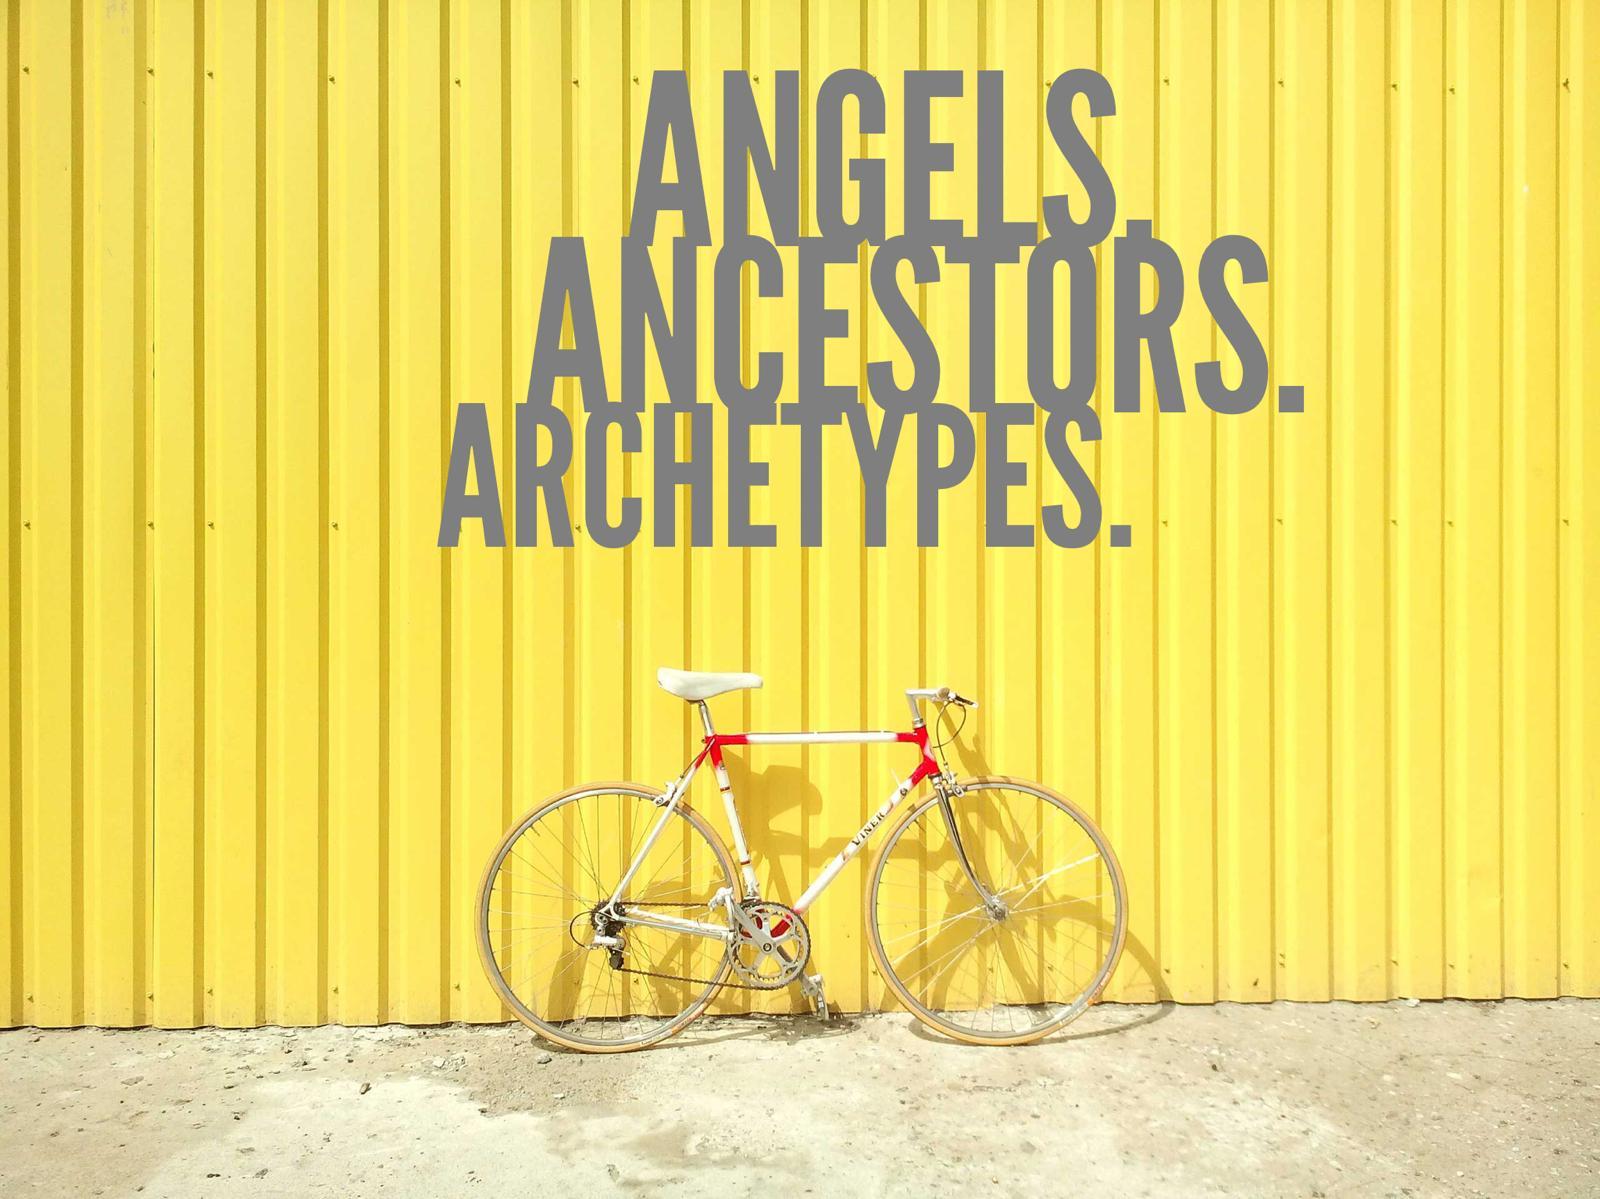 AngelsAncestorsArchetypes.jpeg